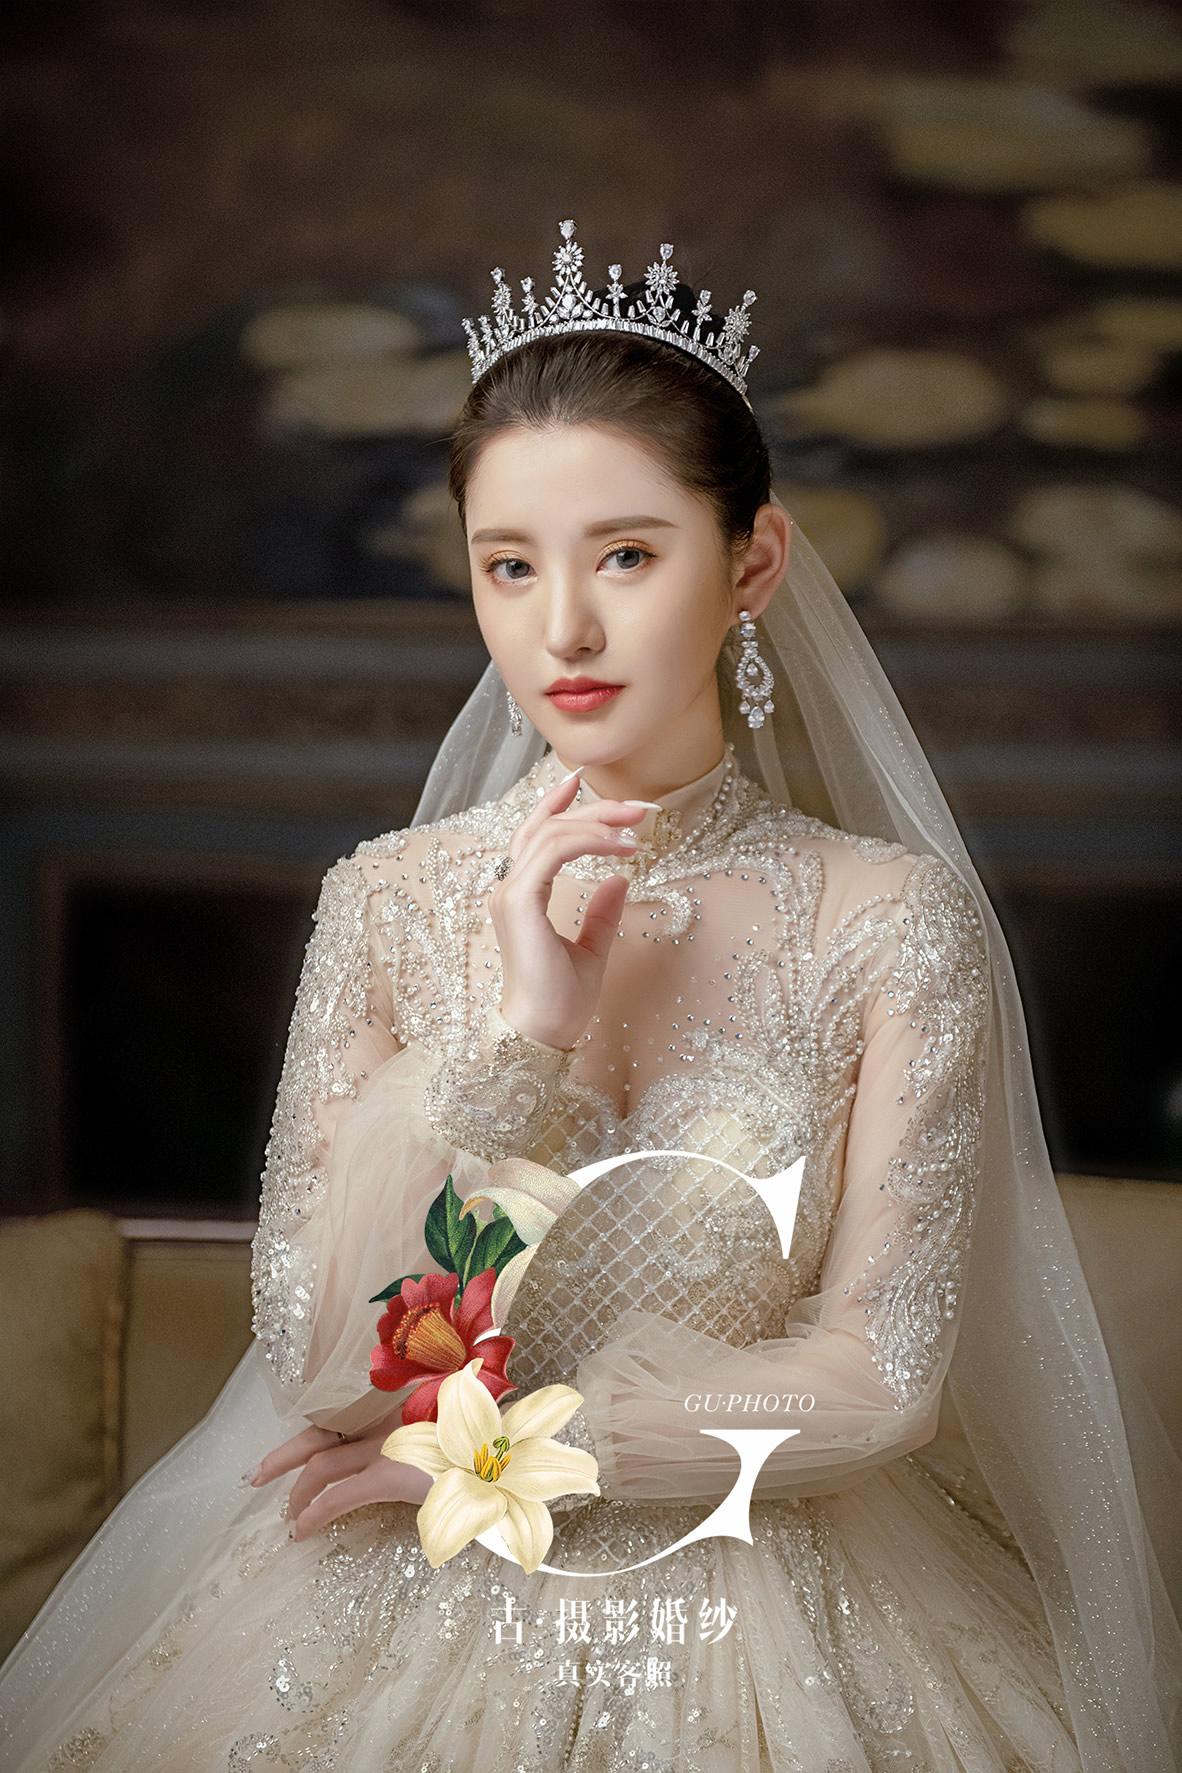 熊先生 陈小姐 - 每日客照 - 古摄影婚纱艺术-古摄影成都婚纱摄影艺术摄影网